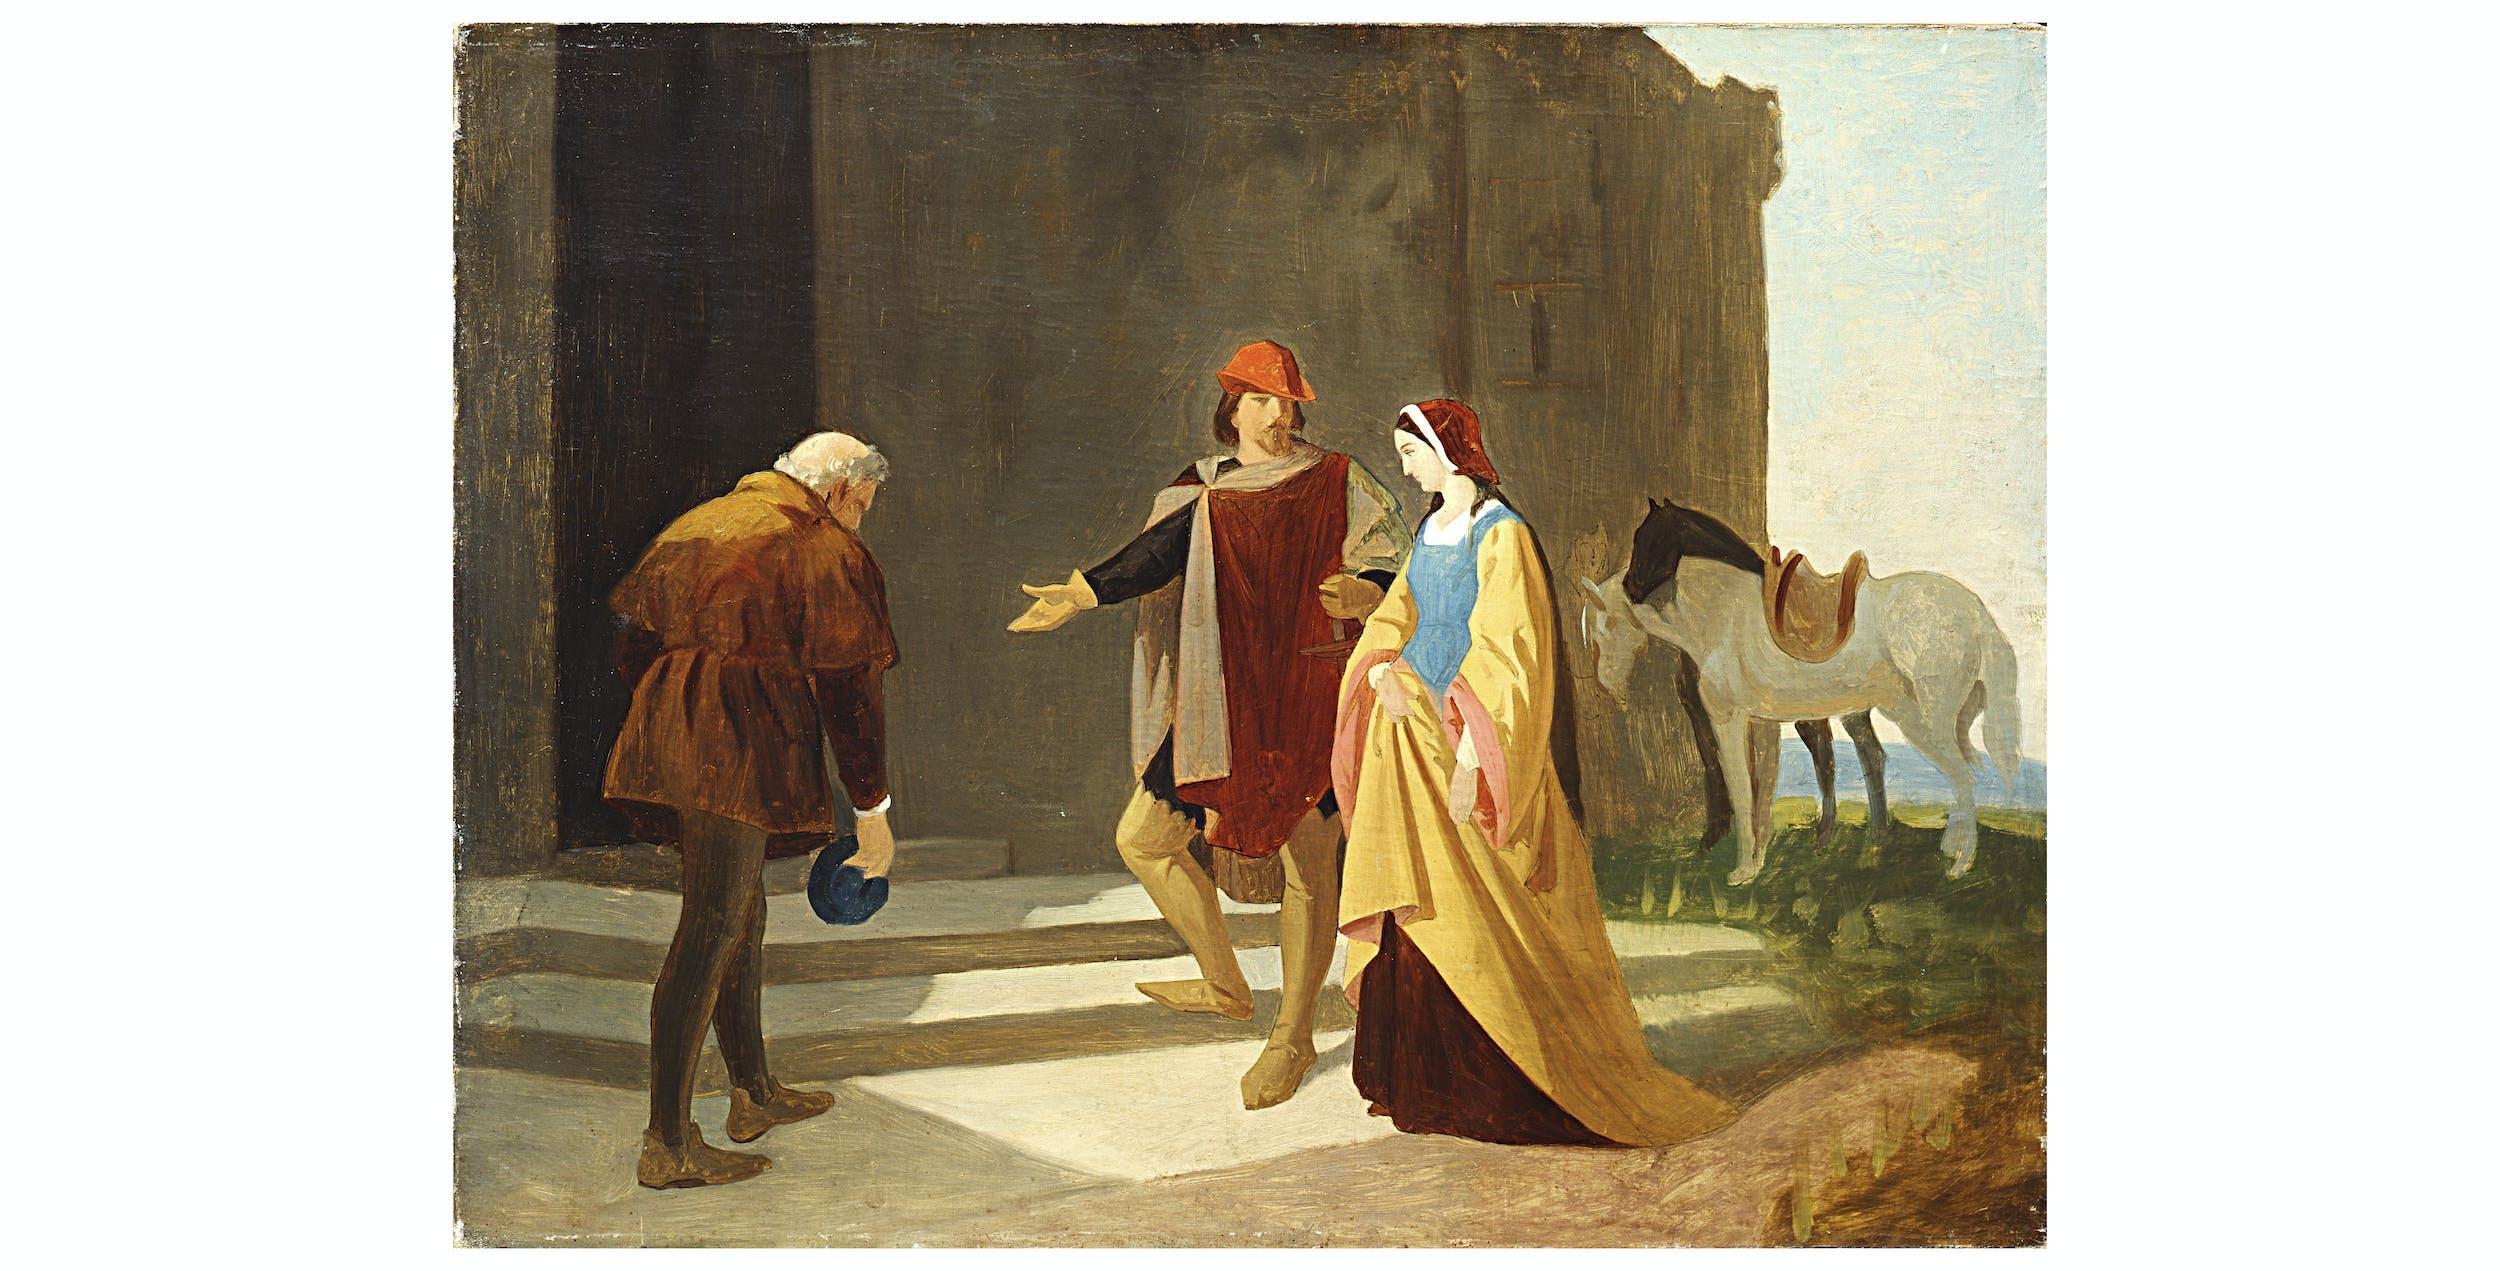 Vincenzo Cabianca, Pia dei Tolomei condotta al castello di Maremma, Palazzo Pitti, Galleria d'Arte Moderna